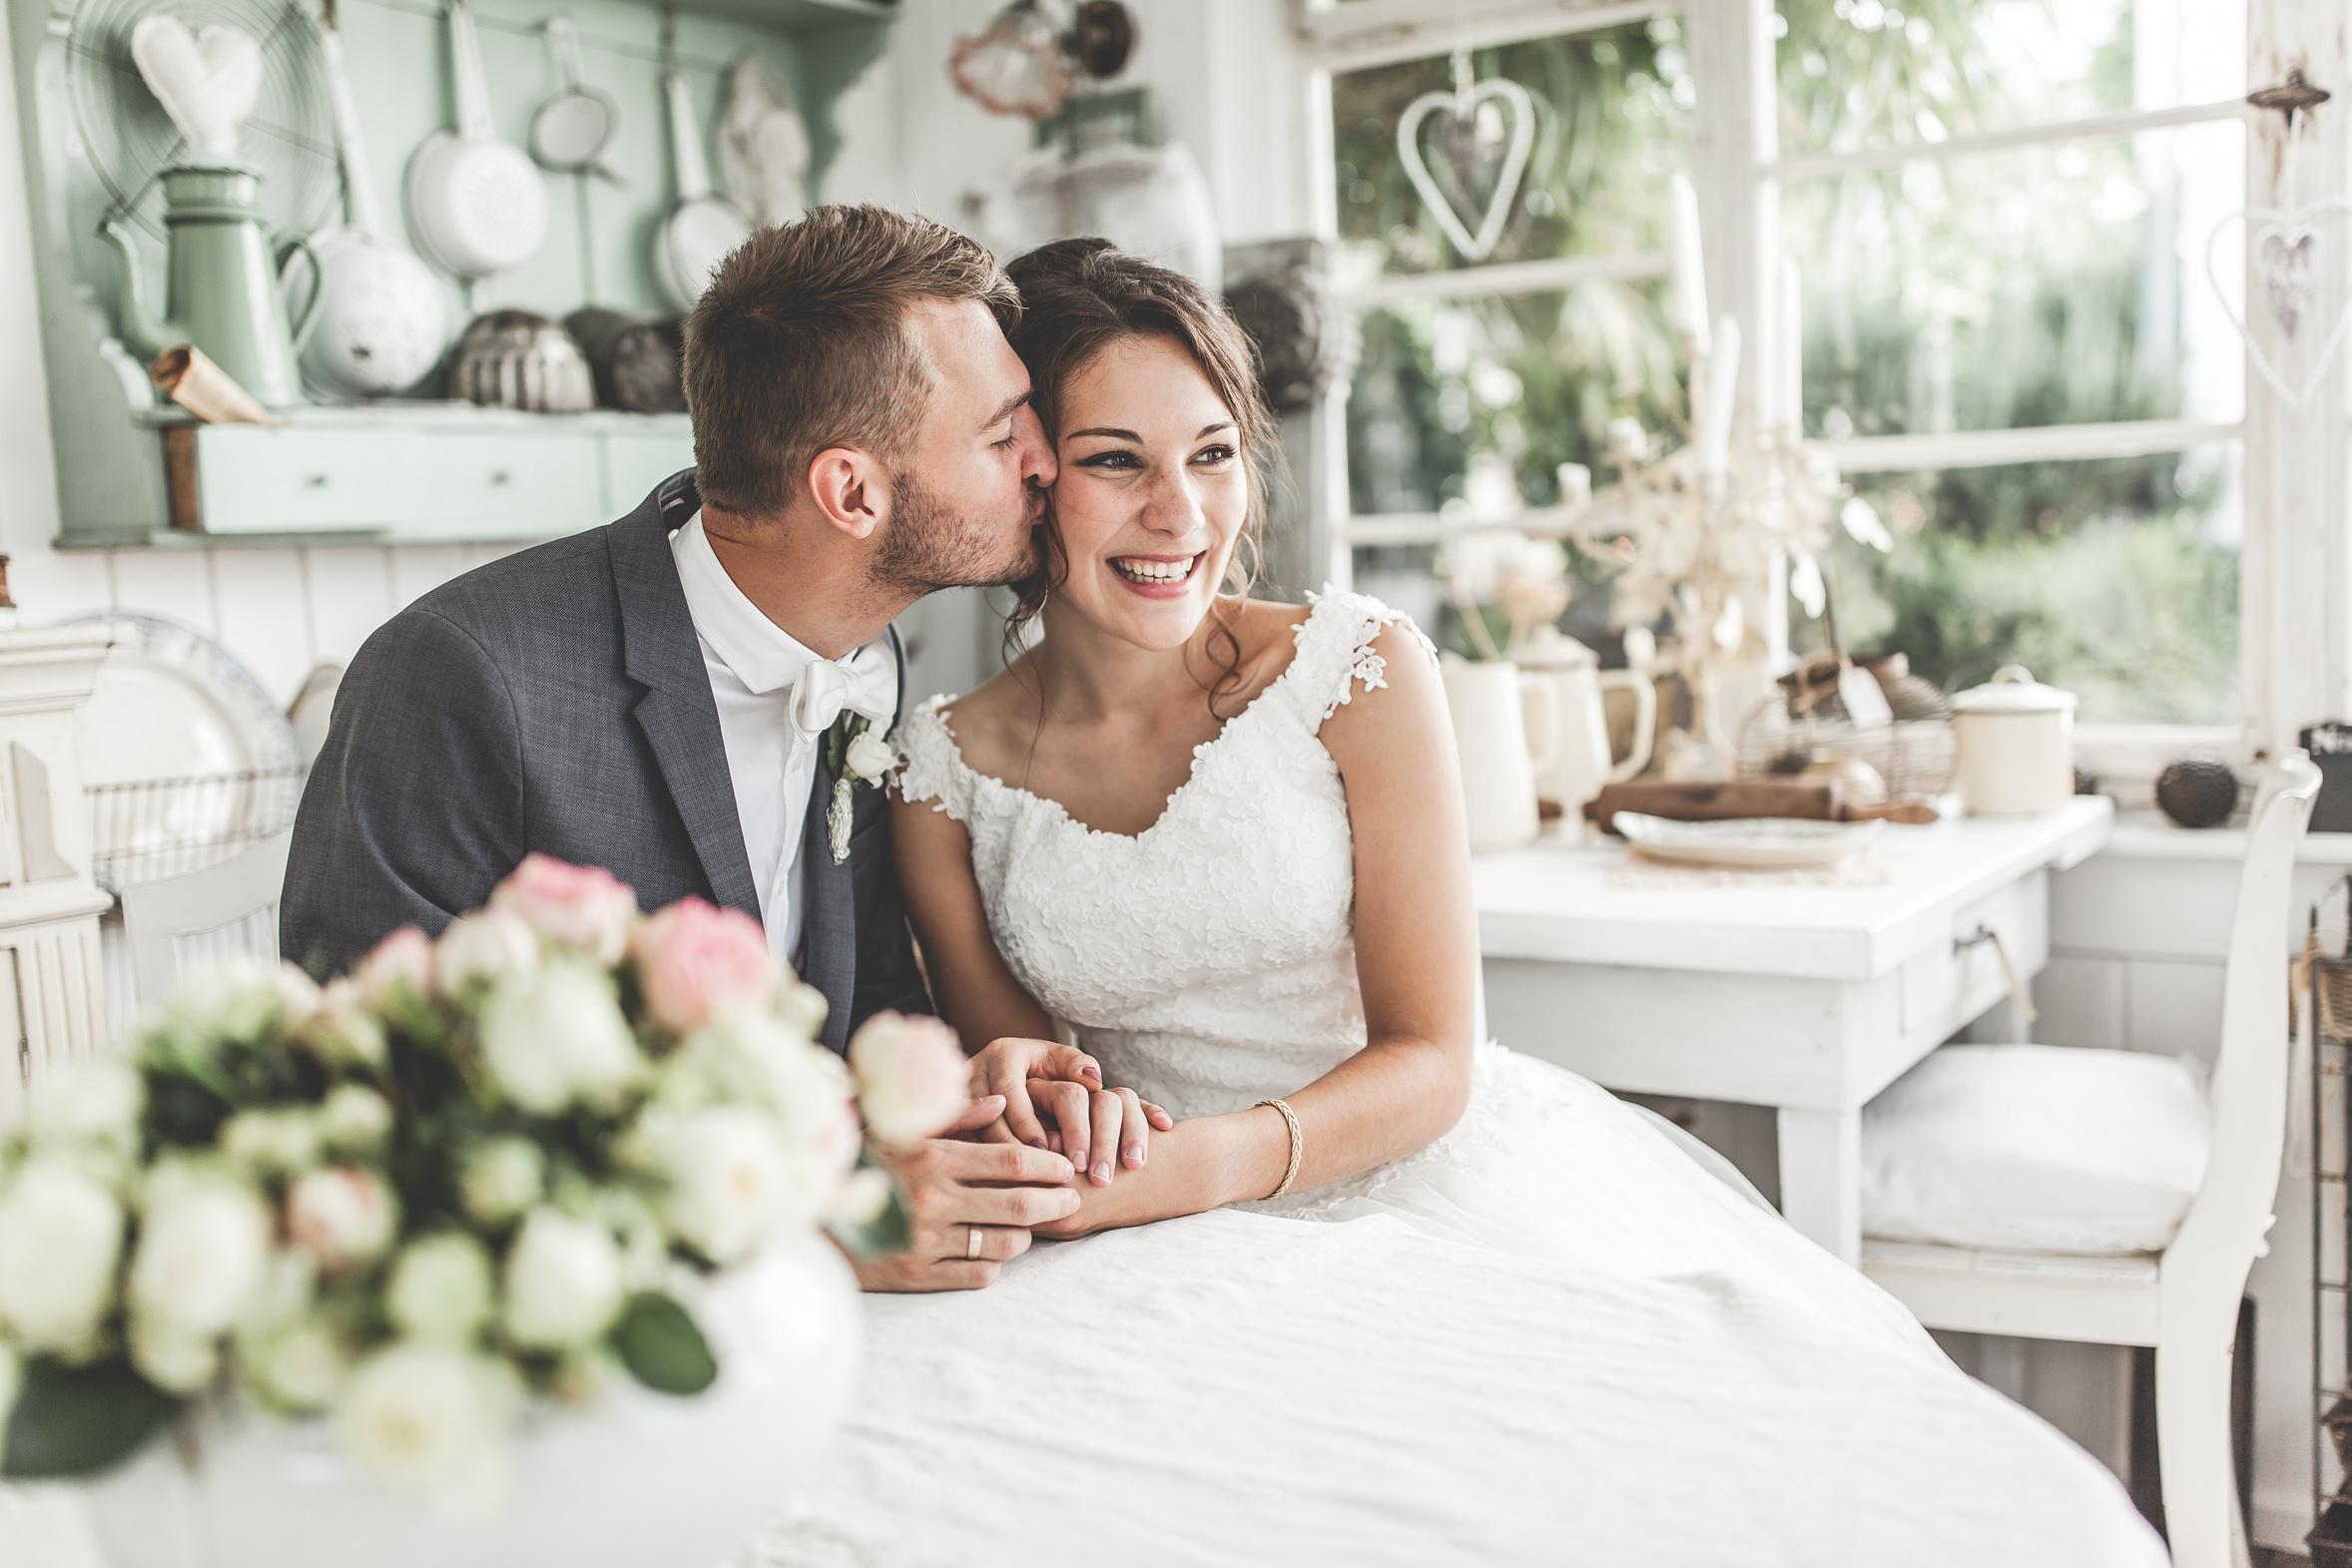 Paar bei Hochzeit, das erst einmal verheiratet, steuerlich profitieren kann